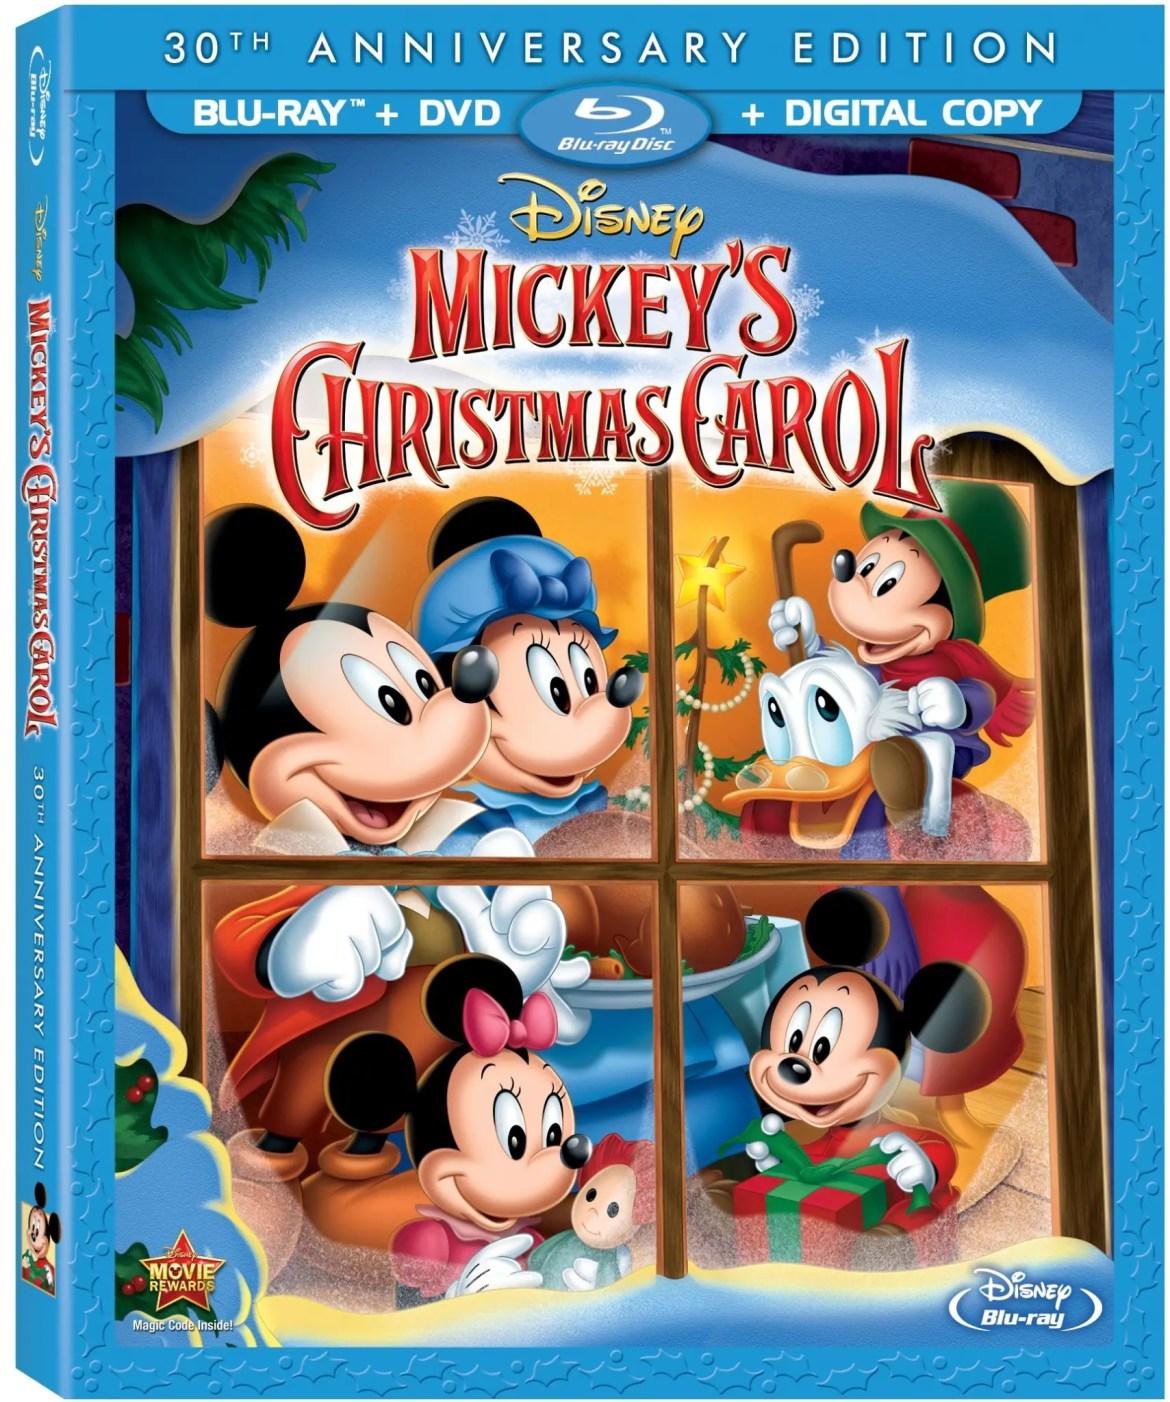 Mickey's Christmas Carol Coming To Blu-Ray On November 5th